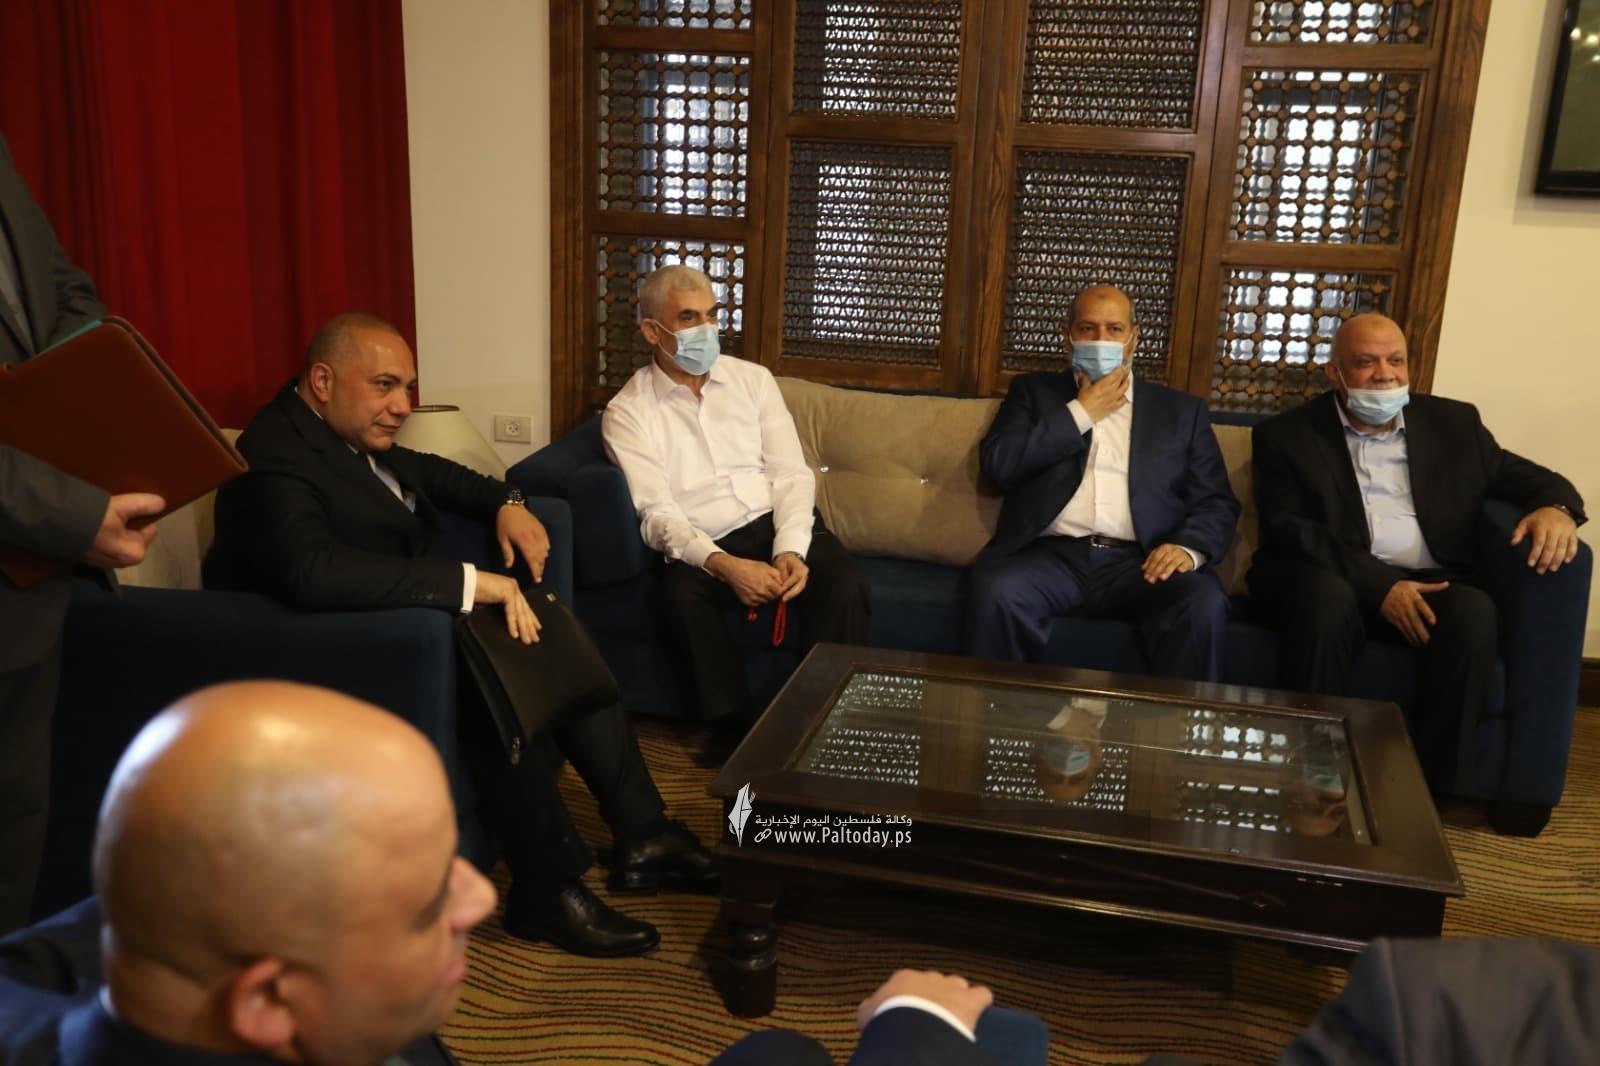 وفد حماس يصل لاستقبال رئيس المخابرات المصرية3.jpg